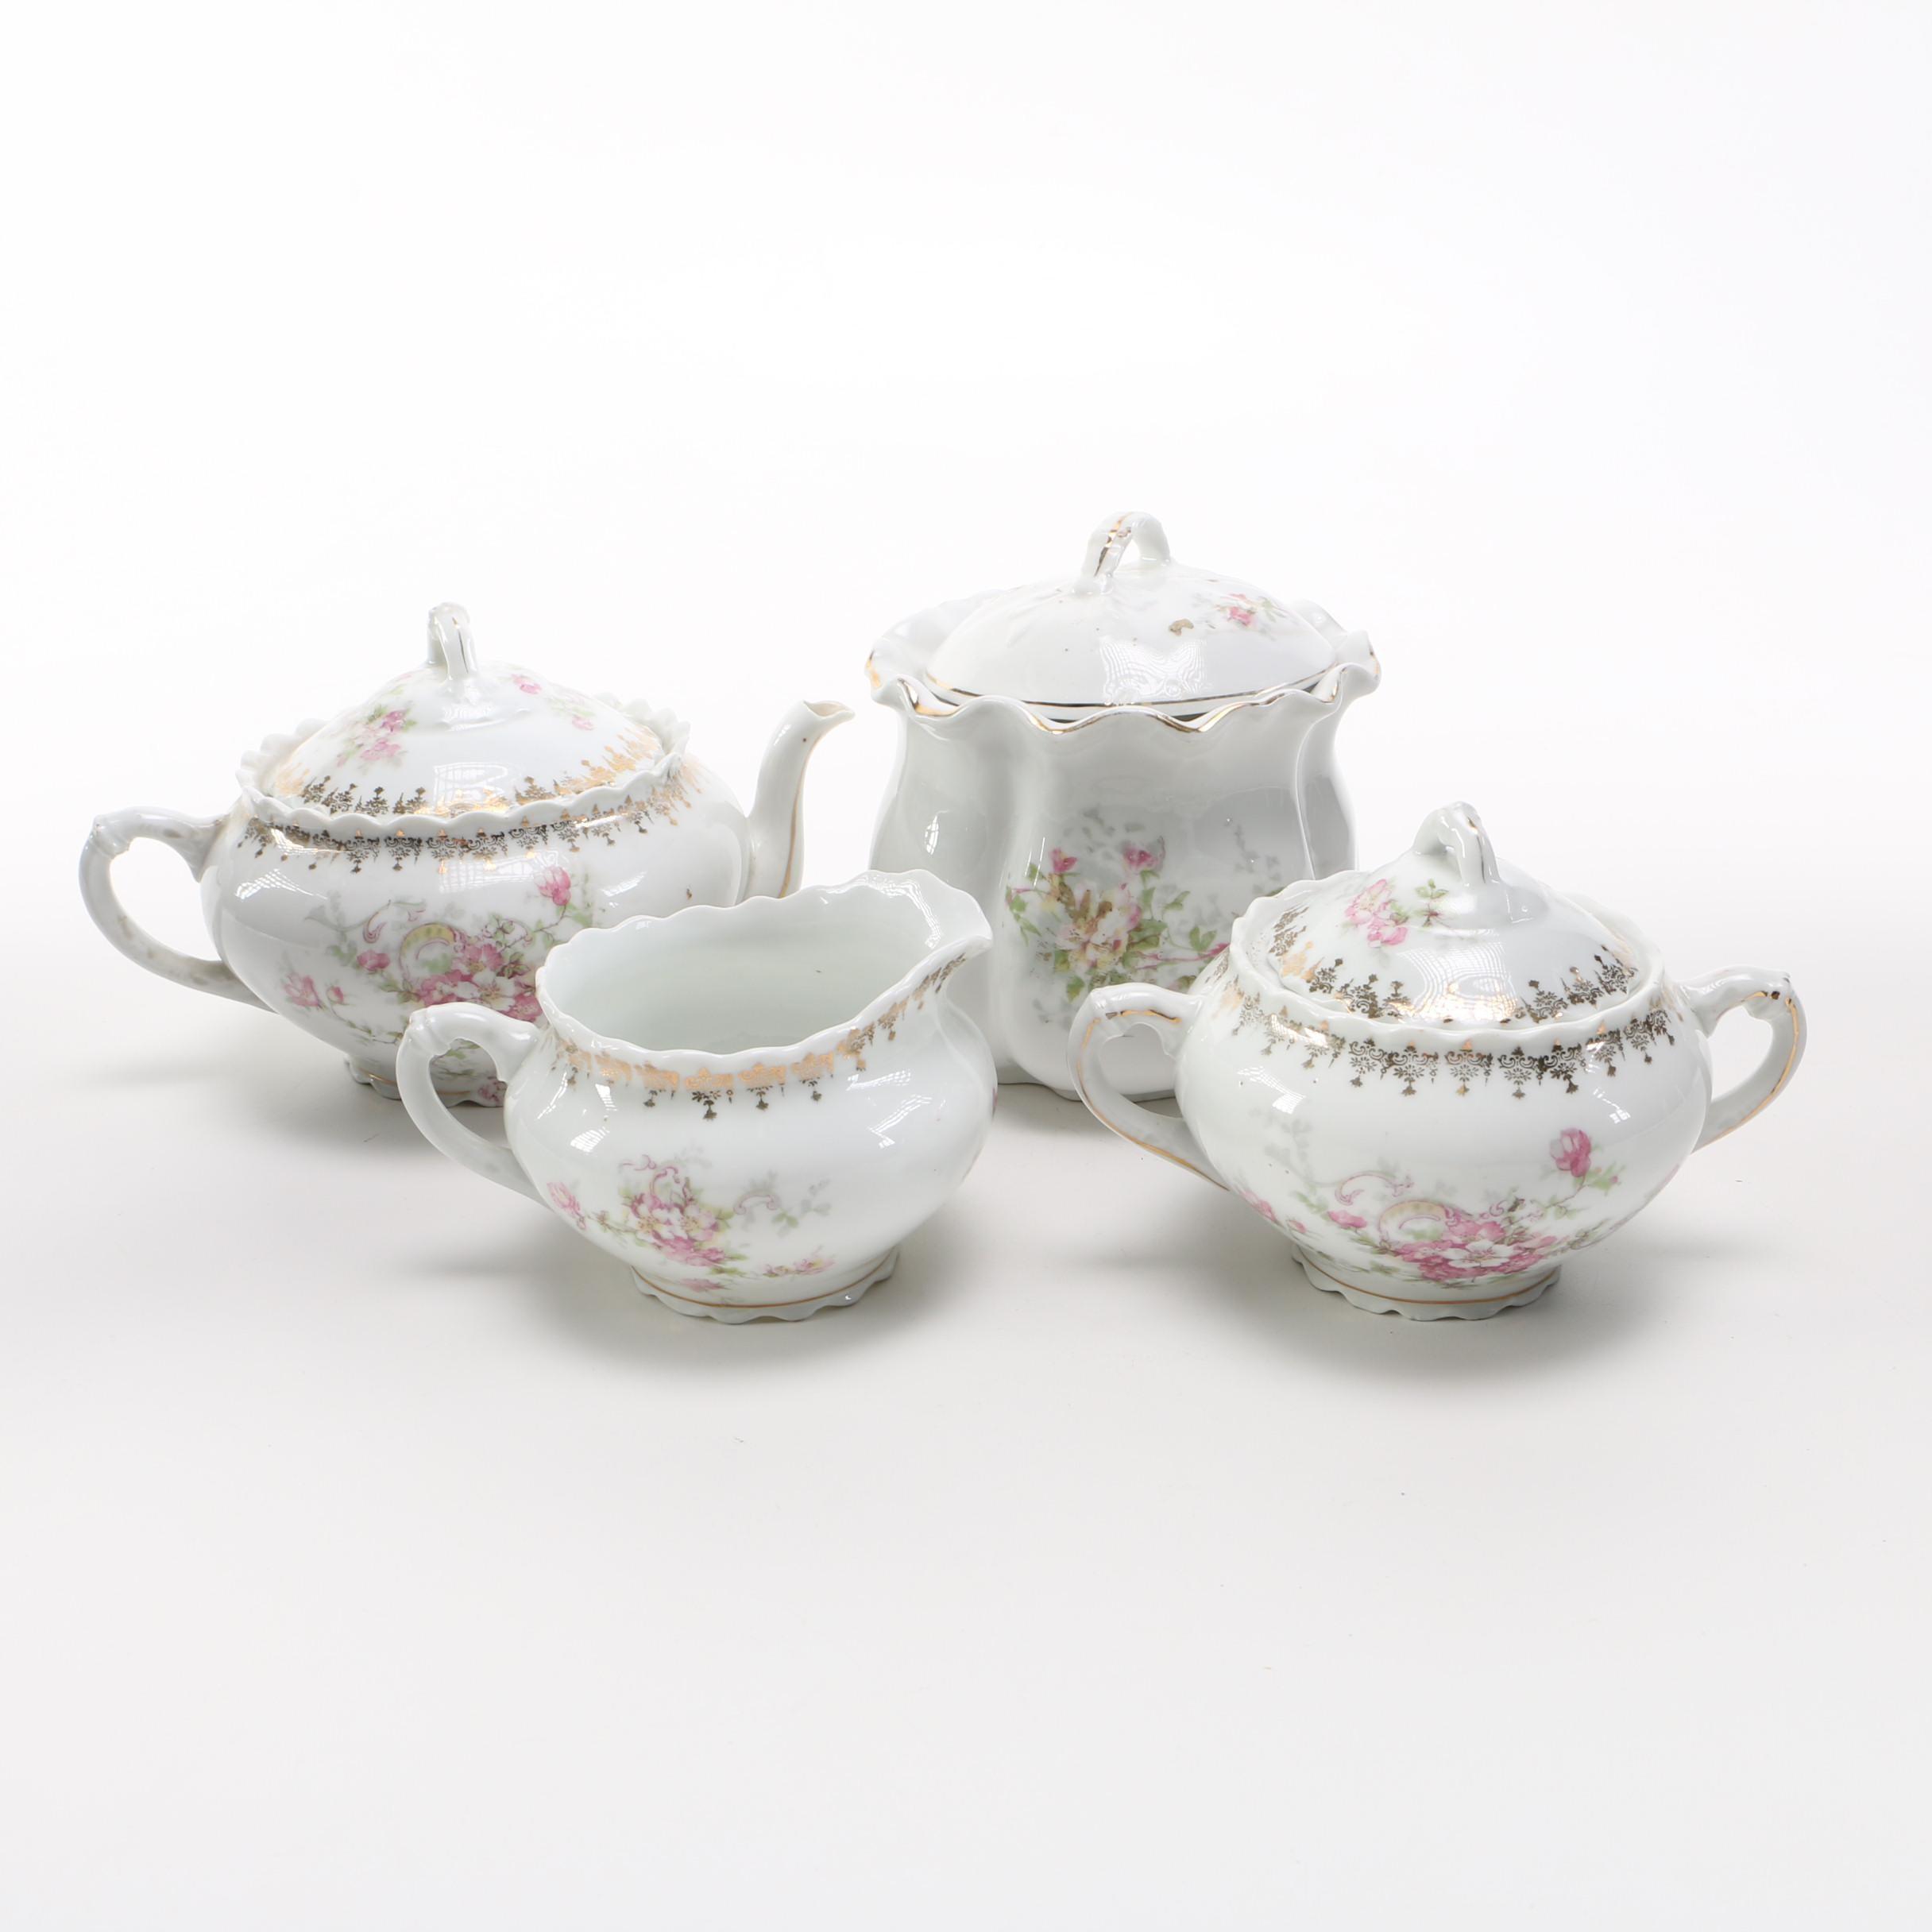 O. E. & G. Royal Austria Pink Floral Patterned Tea Set